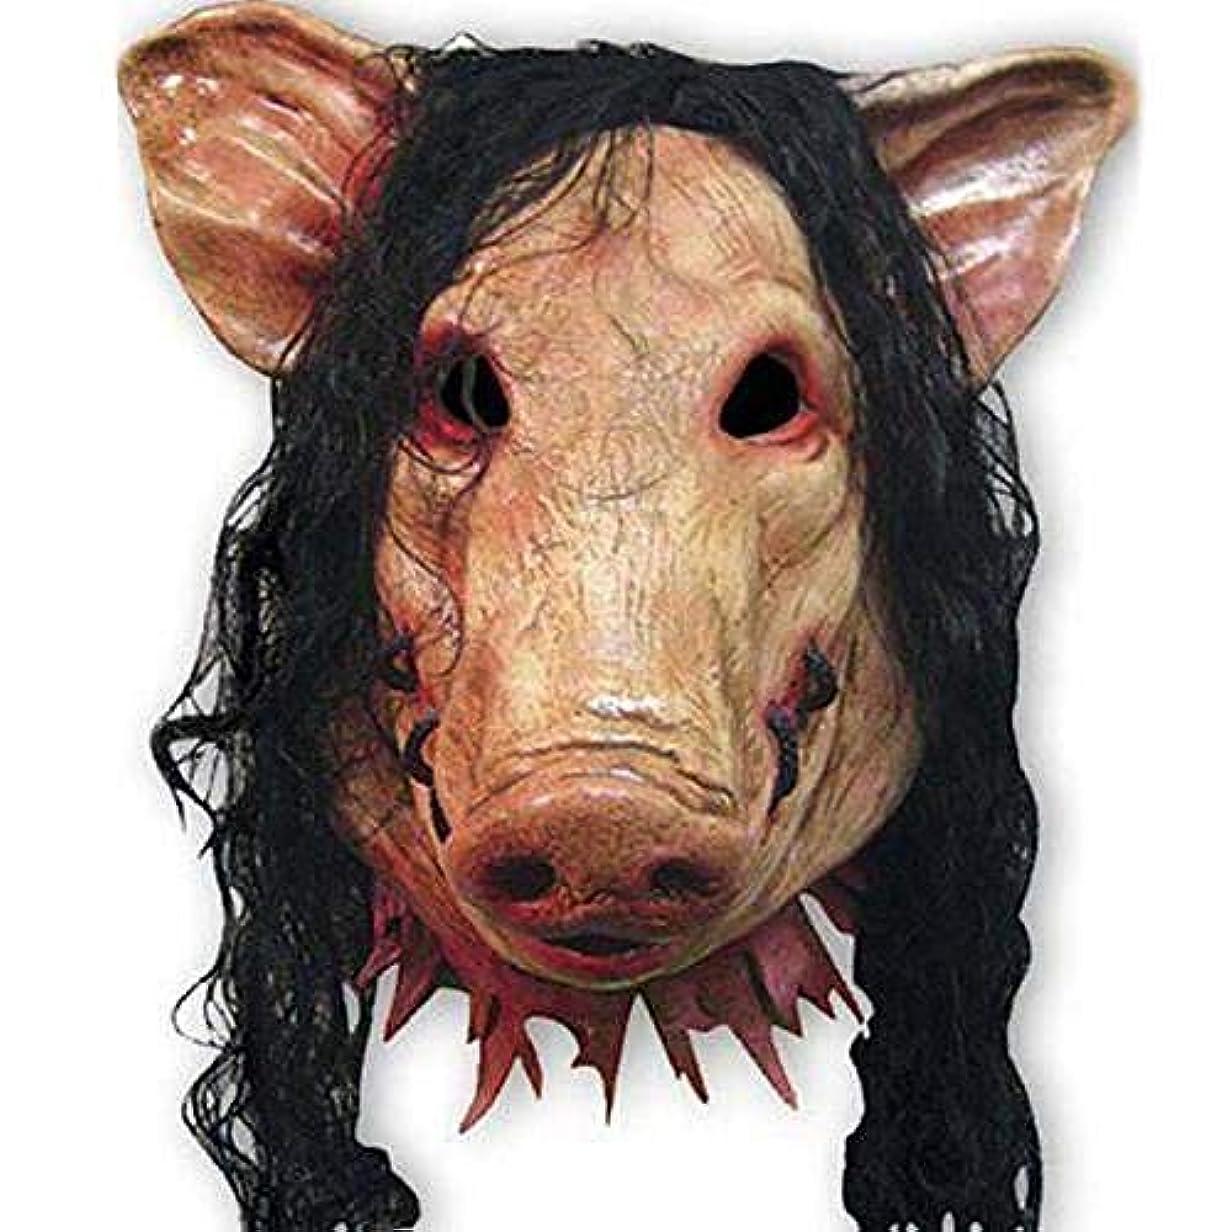 勝者冷える今ラテックス豚マスク-ハロウィンコスチュームボールコスチュームコスプレ、ユニセックス怖いマスク豚